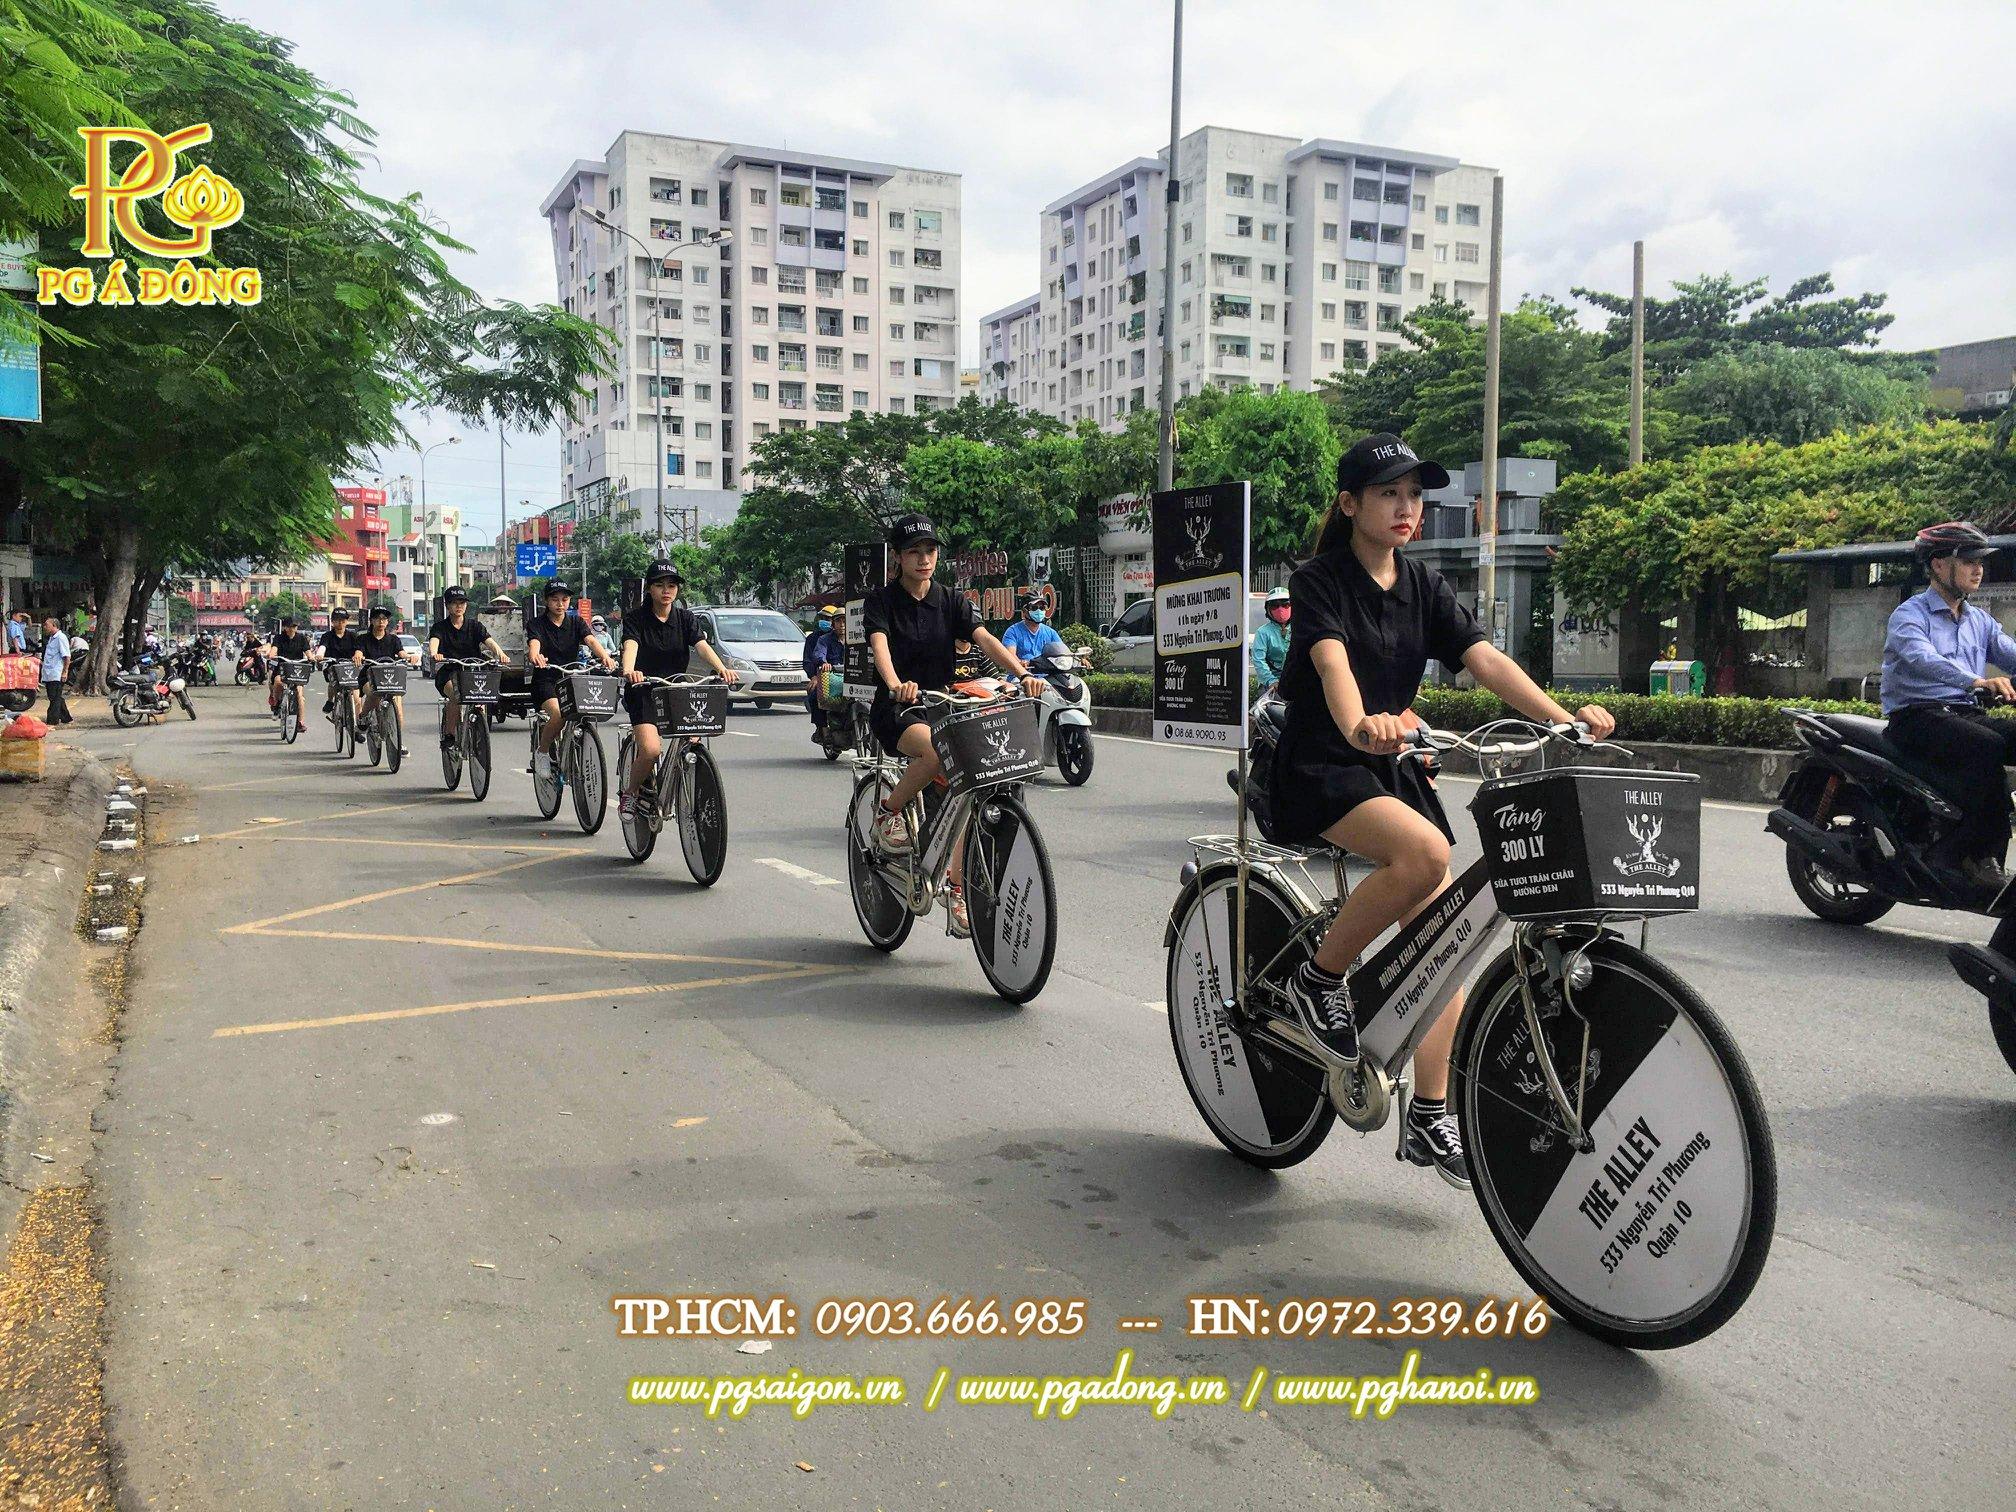 Tổ chức roadshow xe đạp The Alley